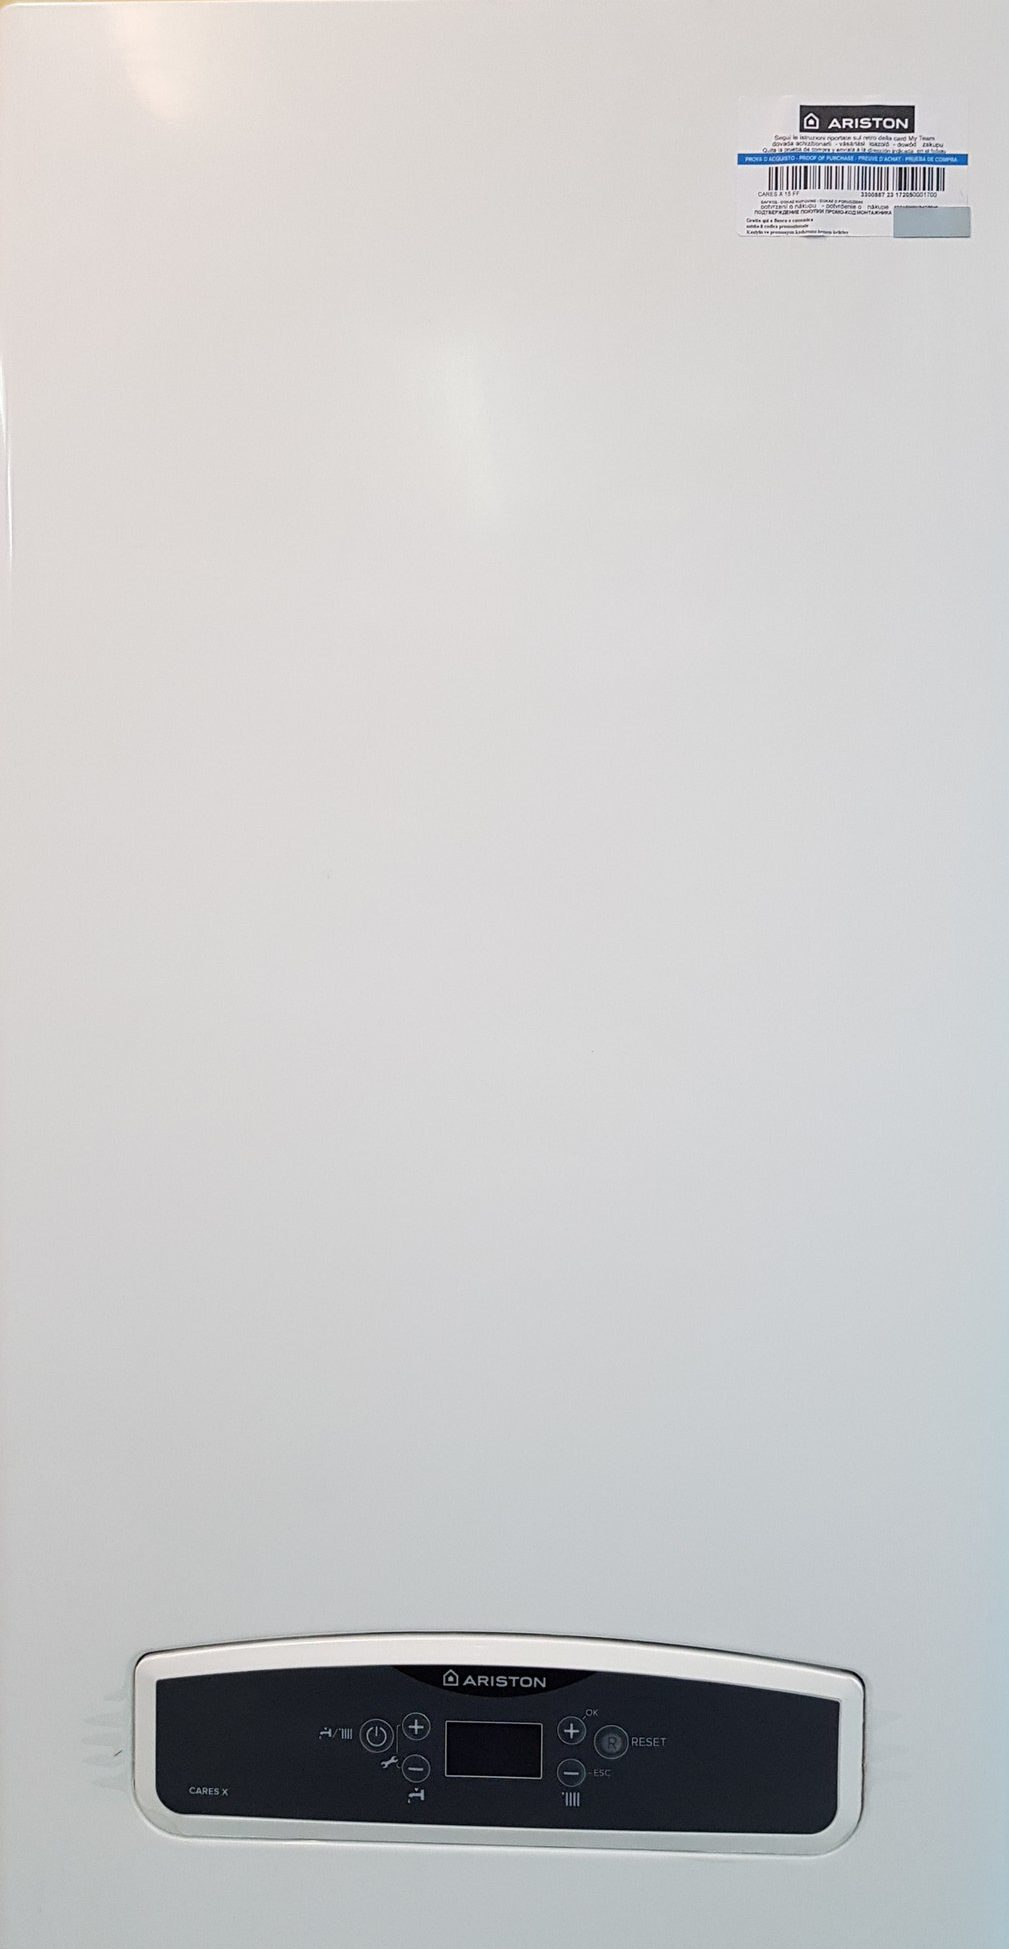 Продажа запасных частей Ariston Аристон ремонт котлов Ariston Аристон пусконаладка ремонт Продажа запасных частей Ariston Аристон ремонт котлов Ariston Аристон пусконаладка ремонт